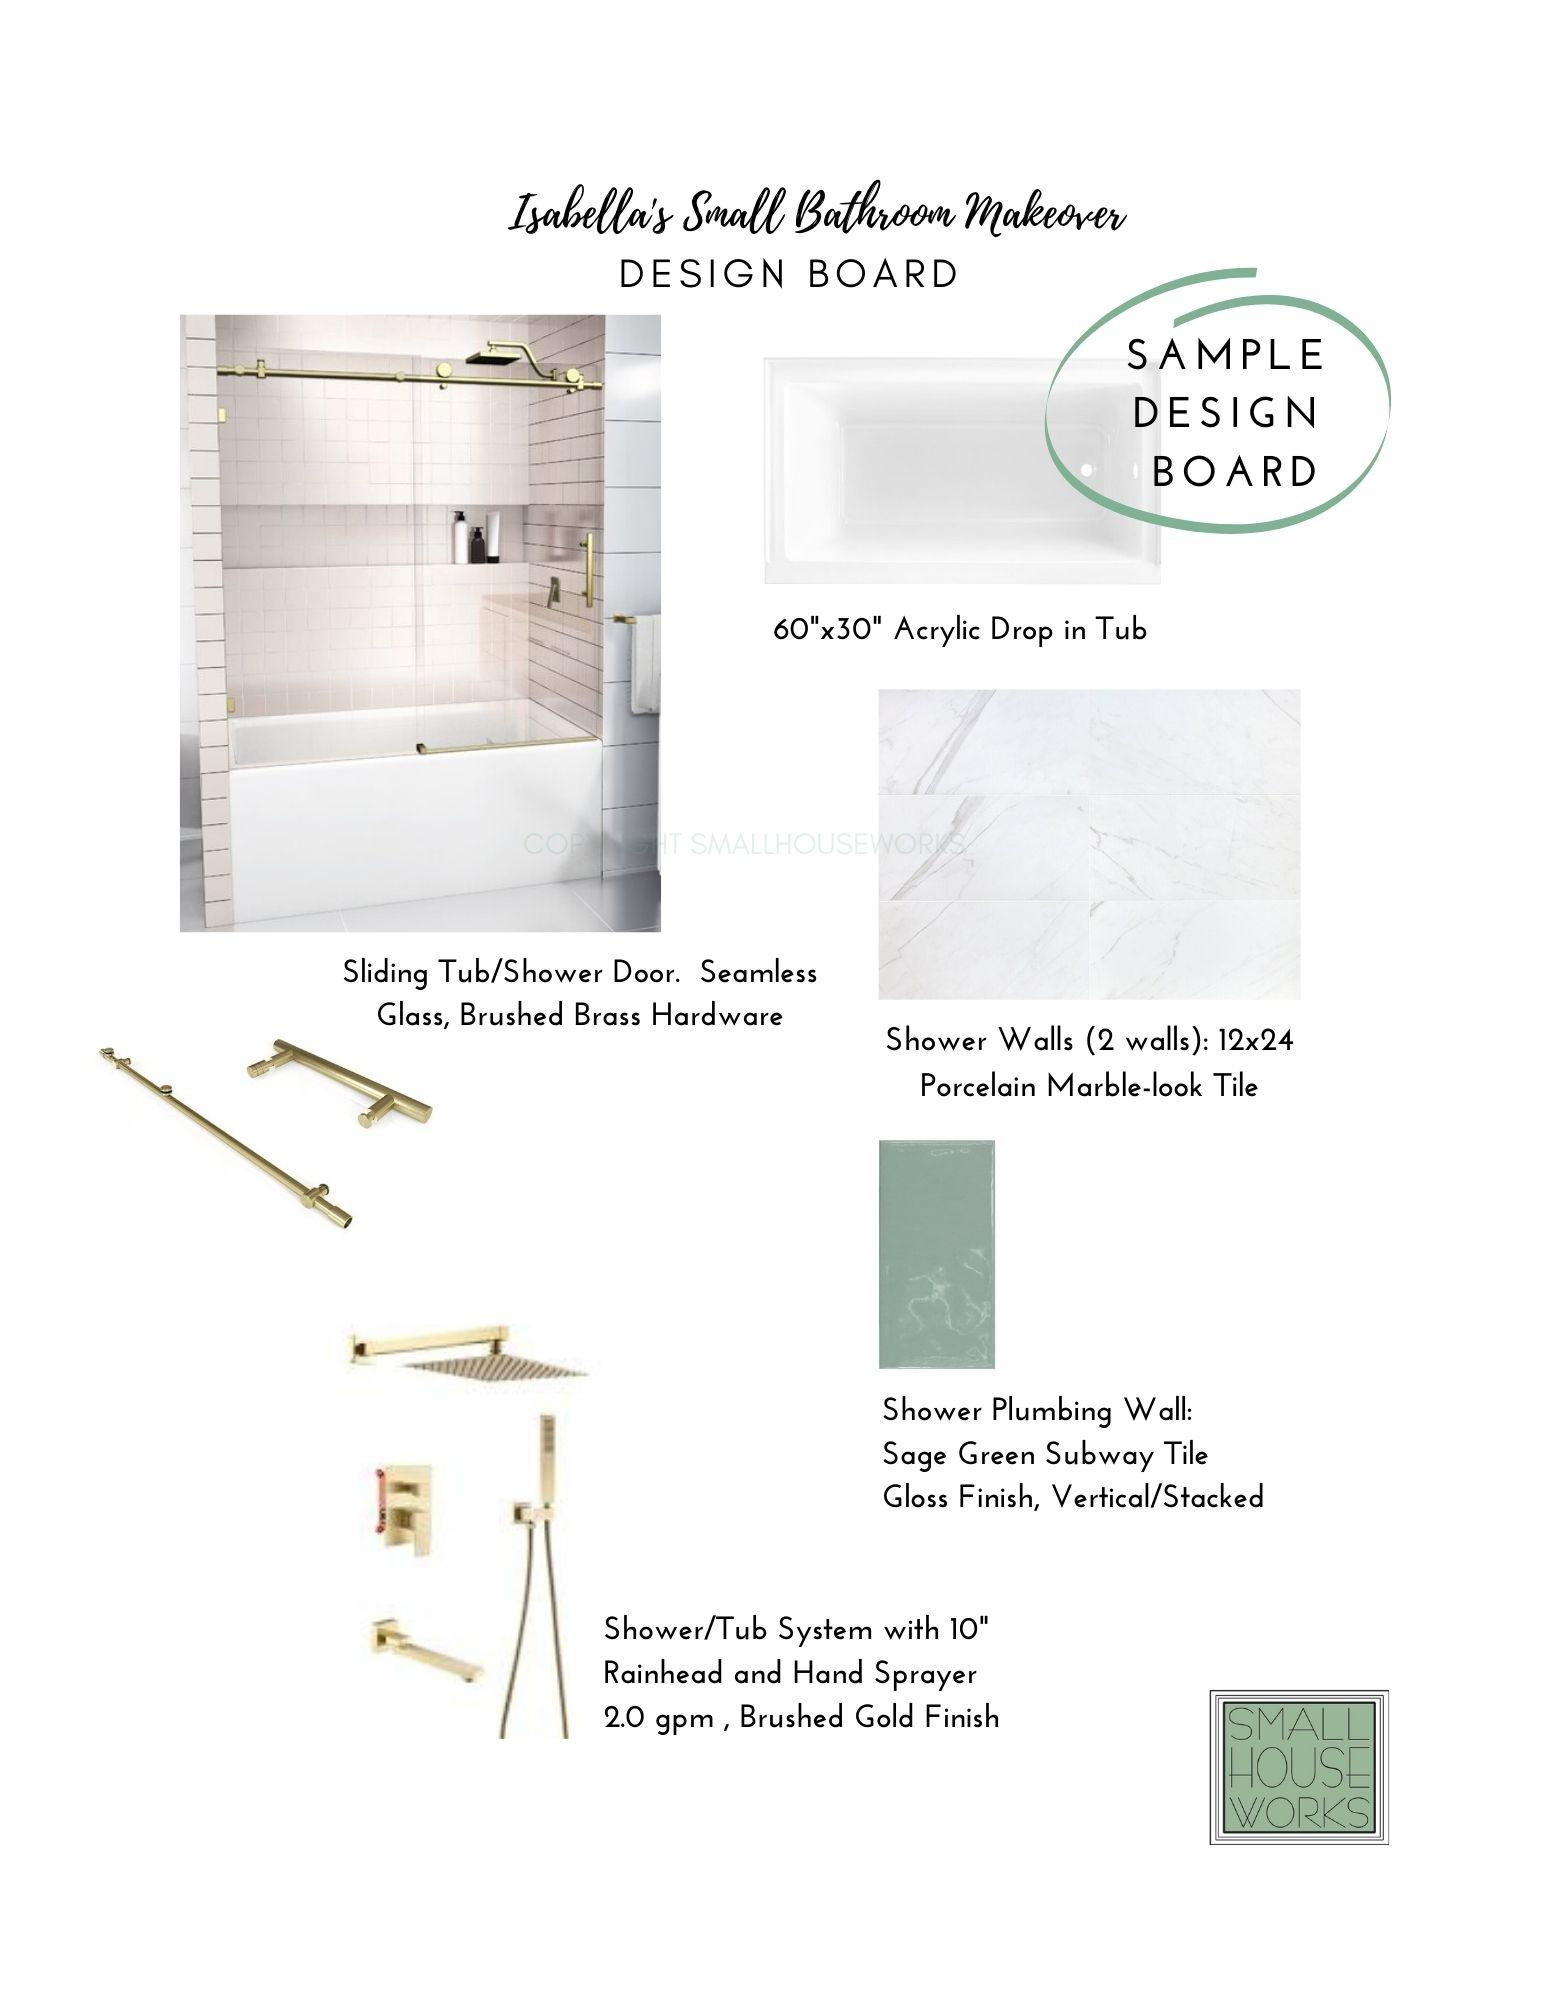 SAMPLE DESIGN BOARD- SMALL BATHROOM MAKEOVER